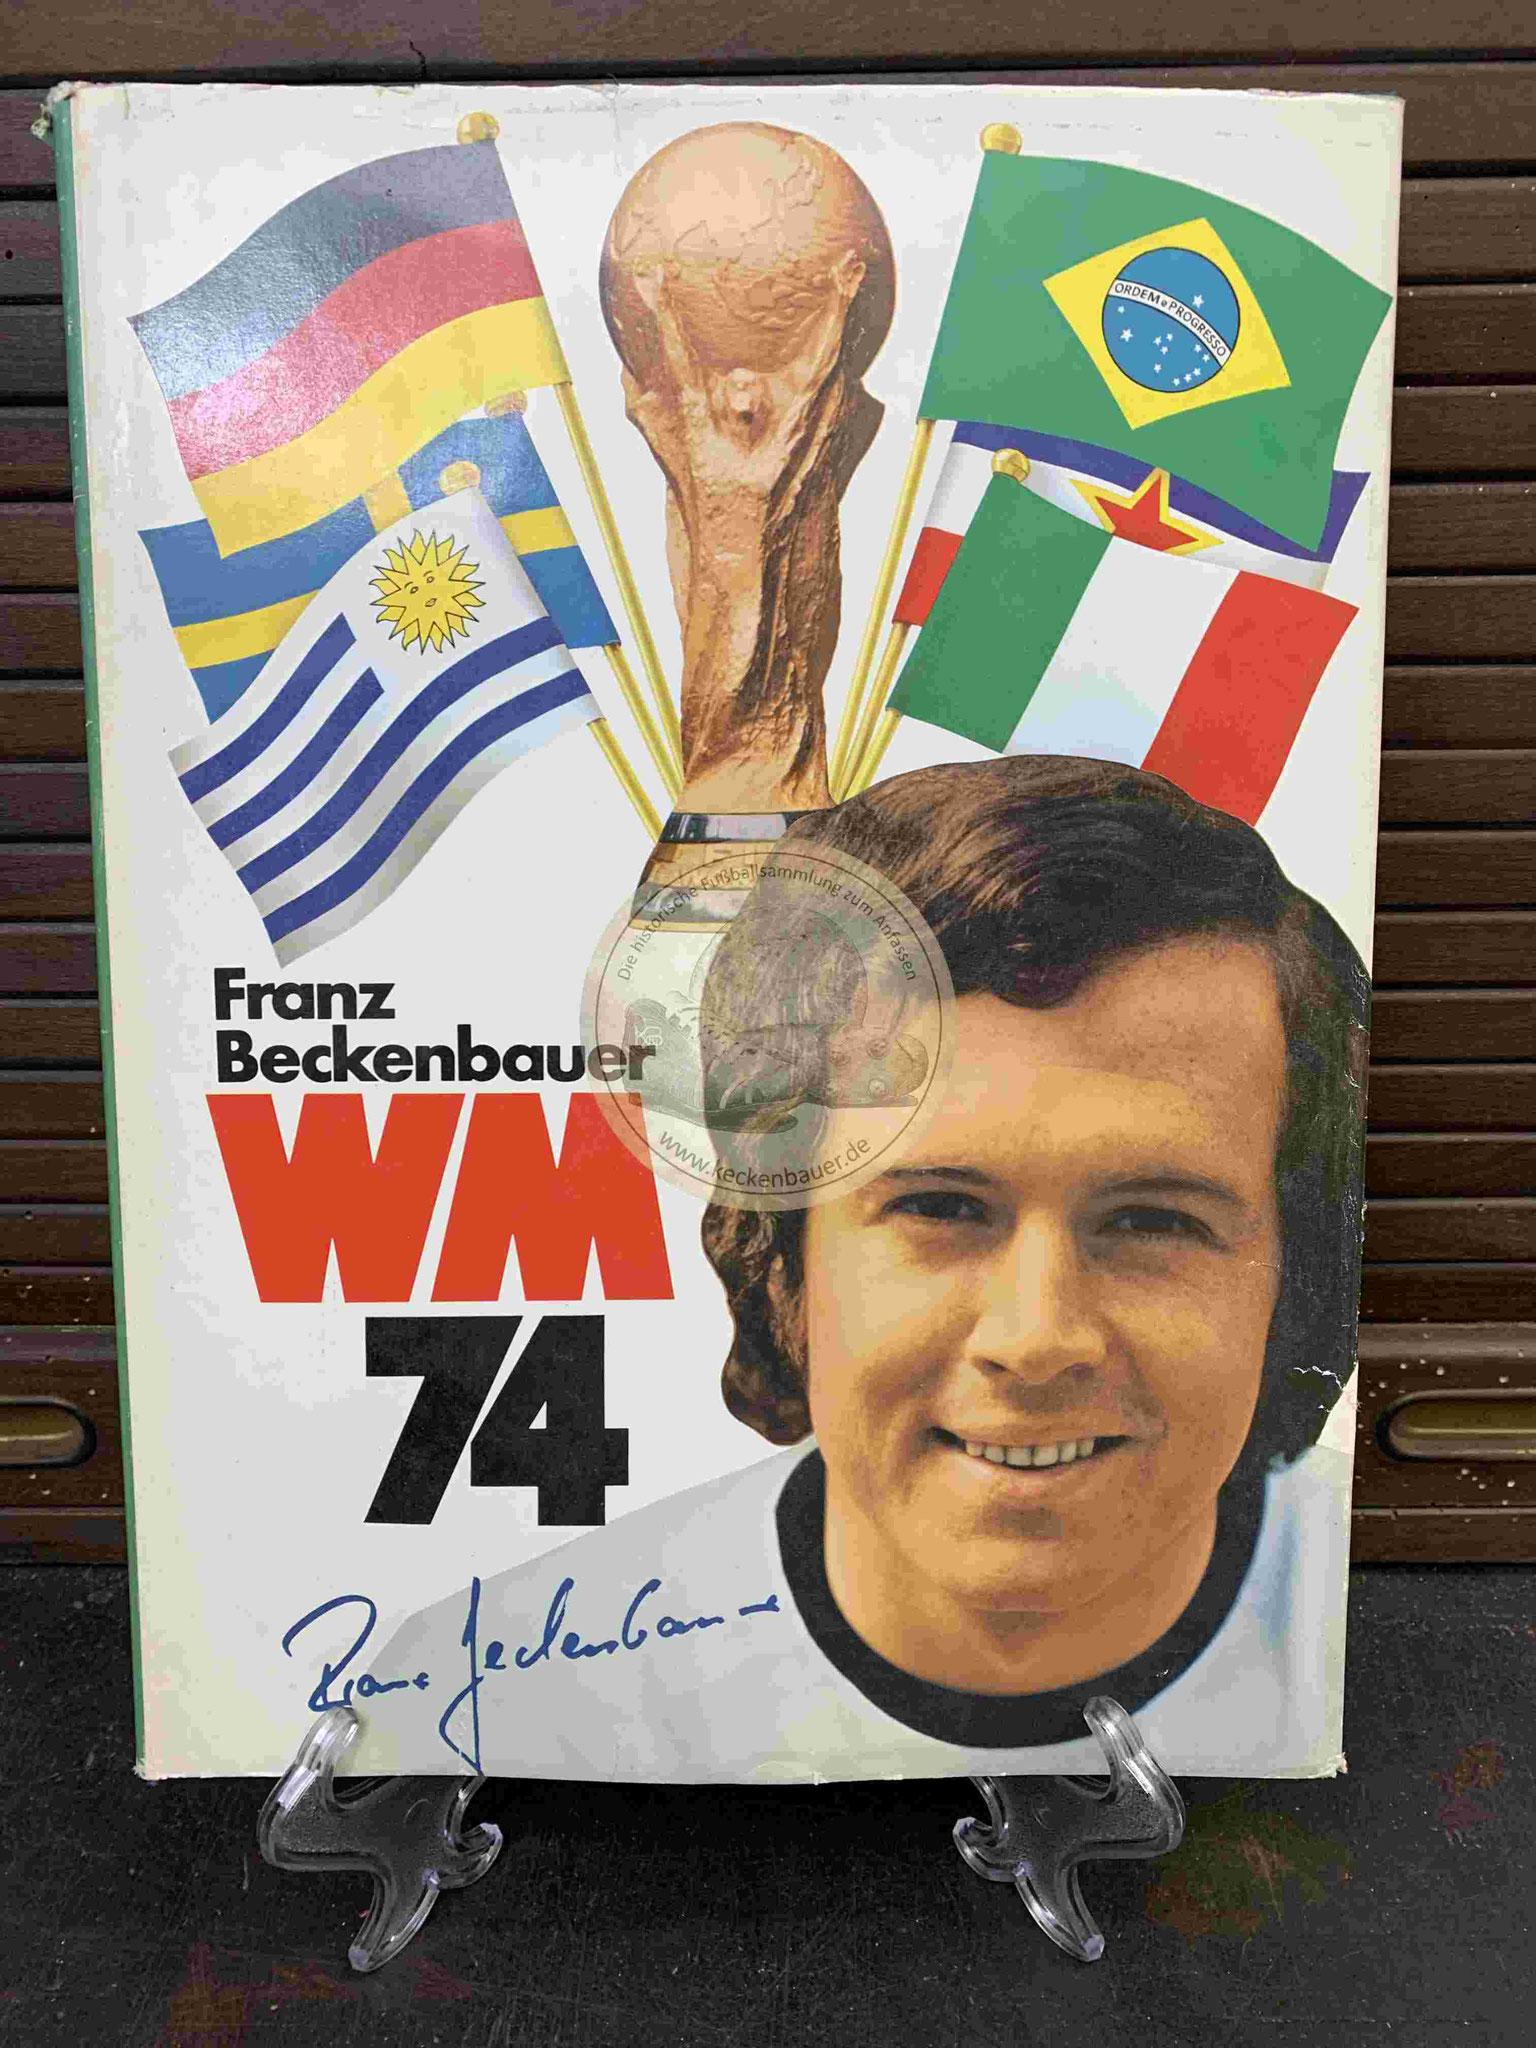 Franz Beckenbauer WM 74